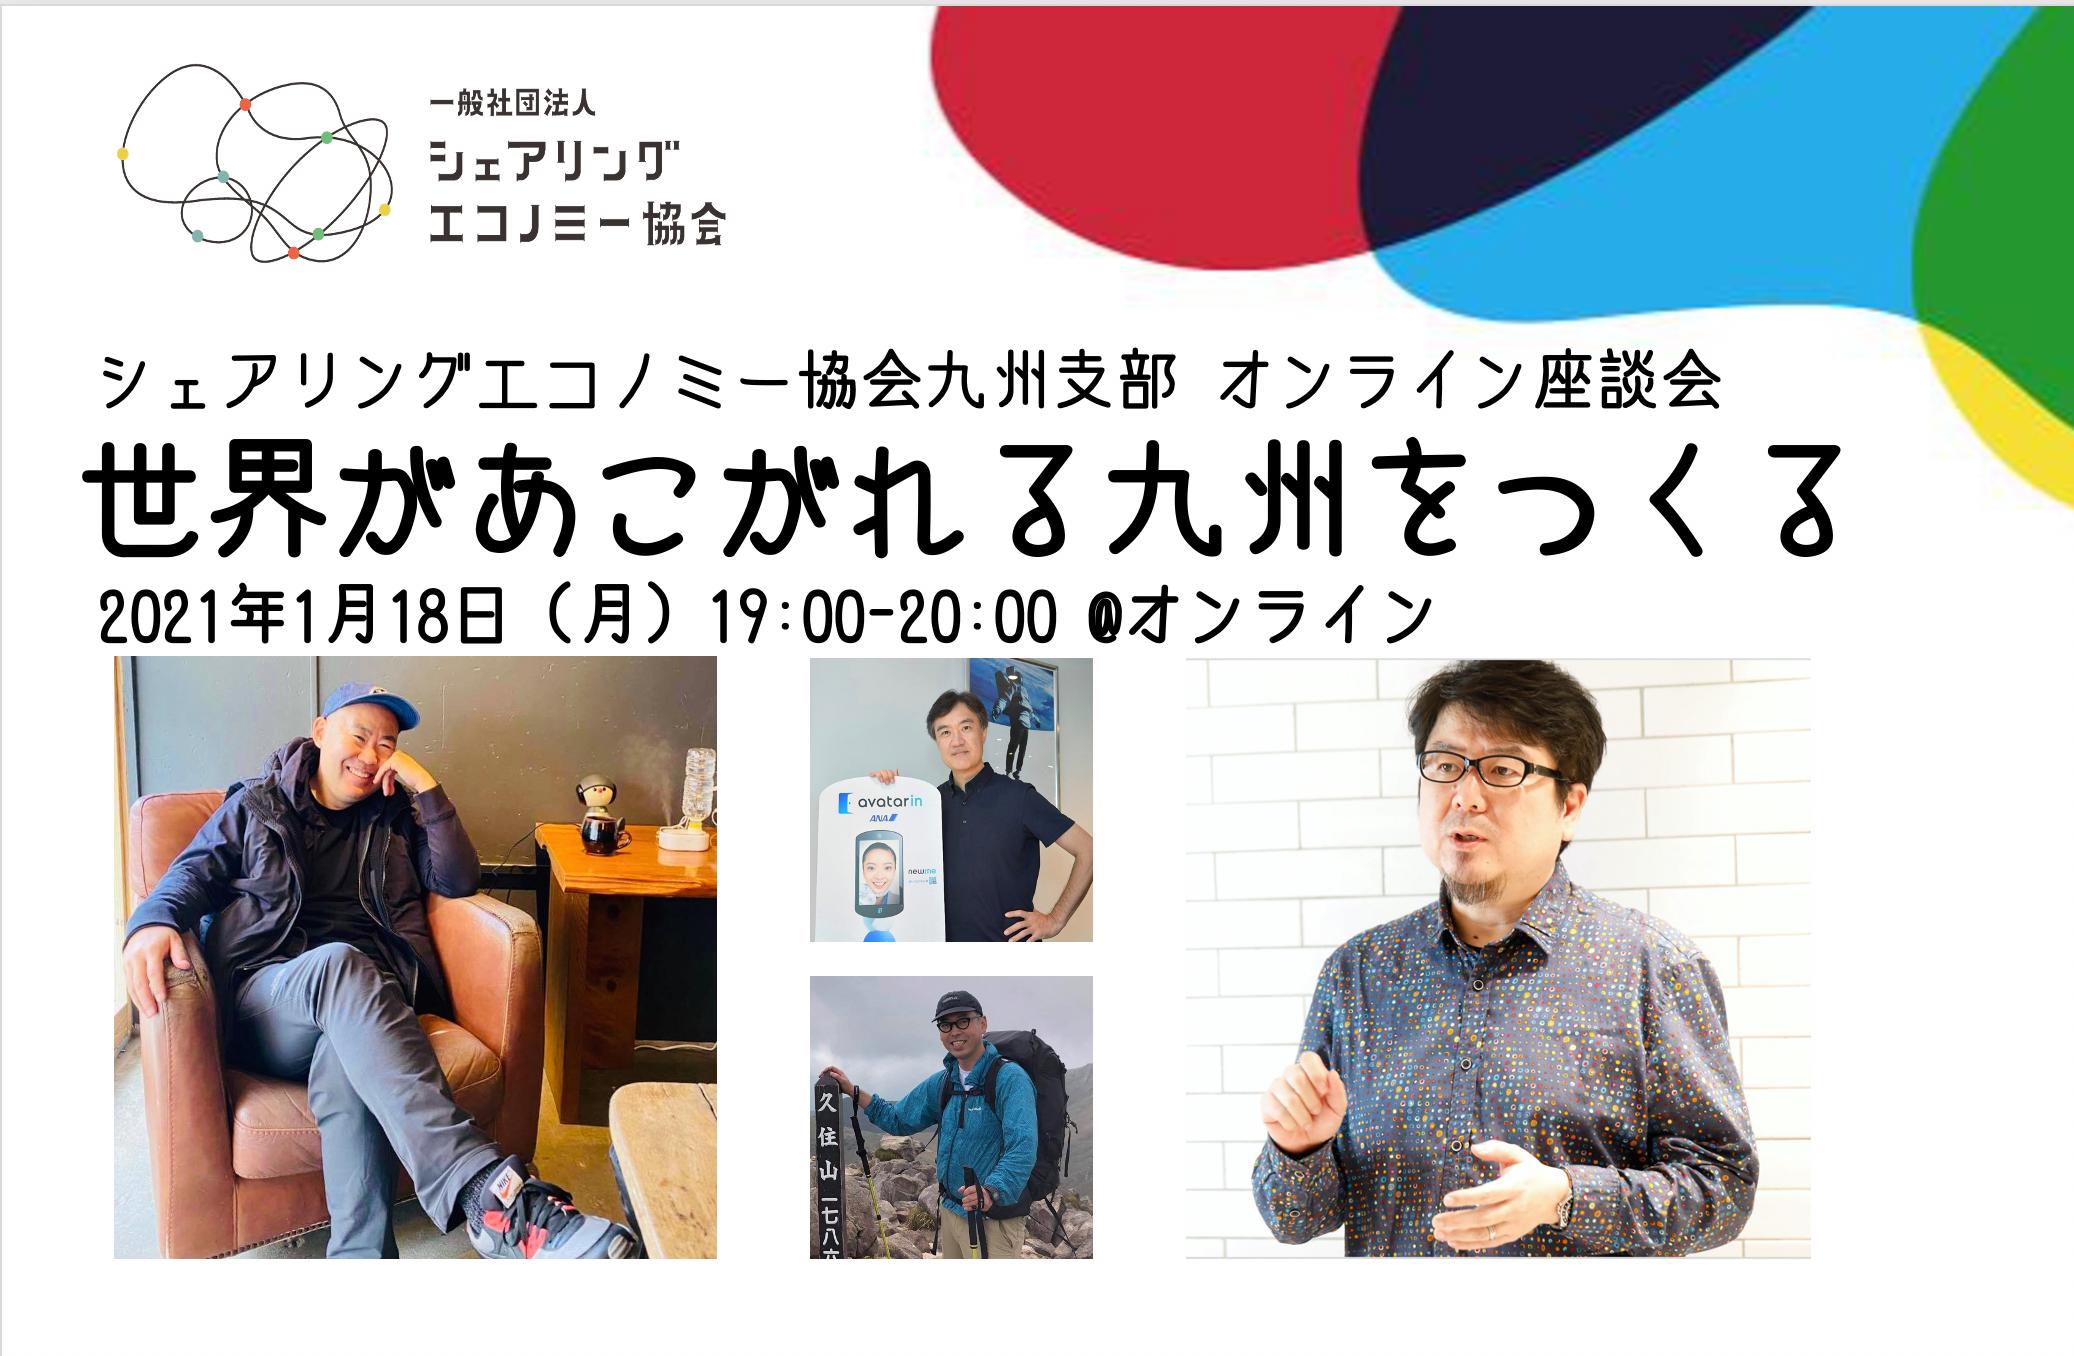 【1/18(月)19:00-20:00】九州支部 定例座談会